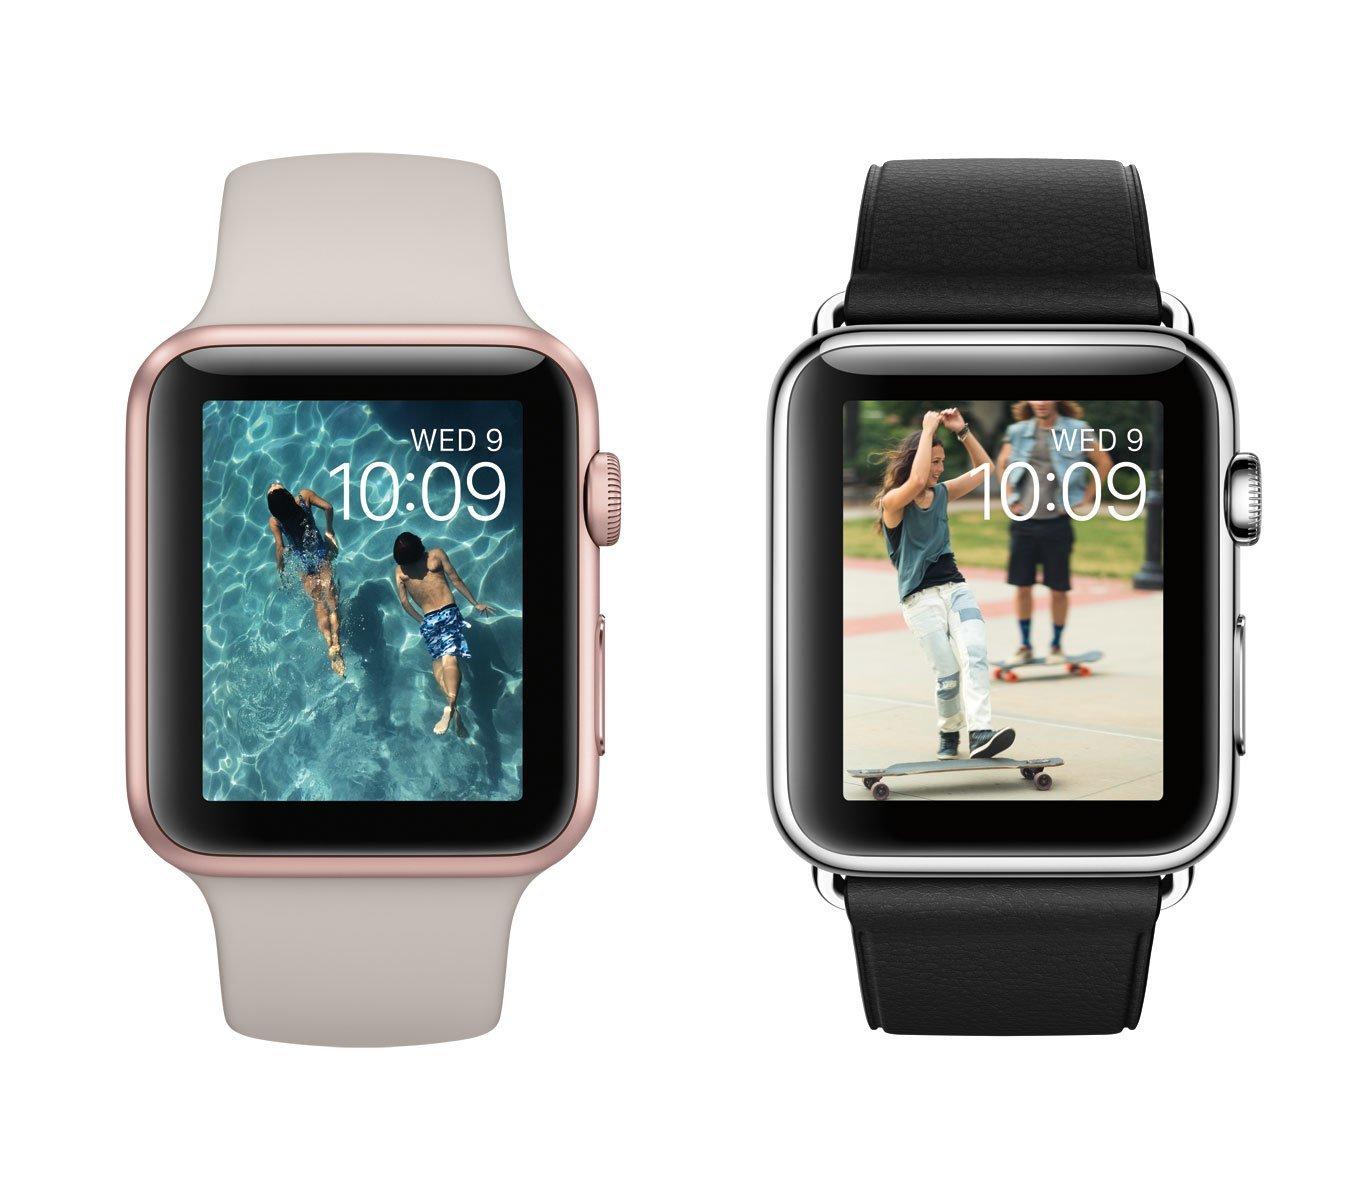 Apple Watch Sport in Roségold mit Stein-farbenem Sportarmband und Apple Watch mit schwarzem Lederarmband